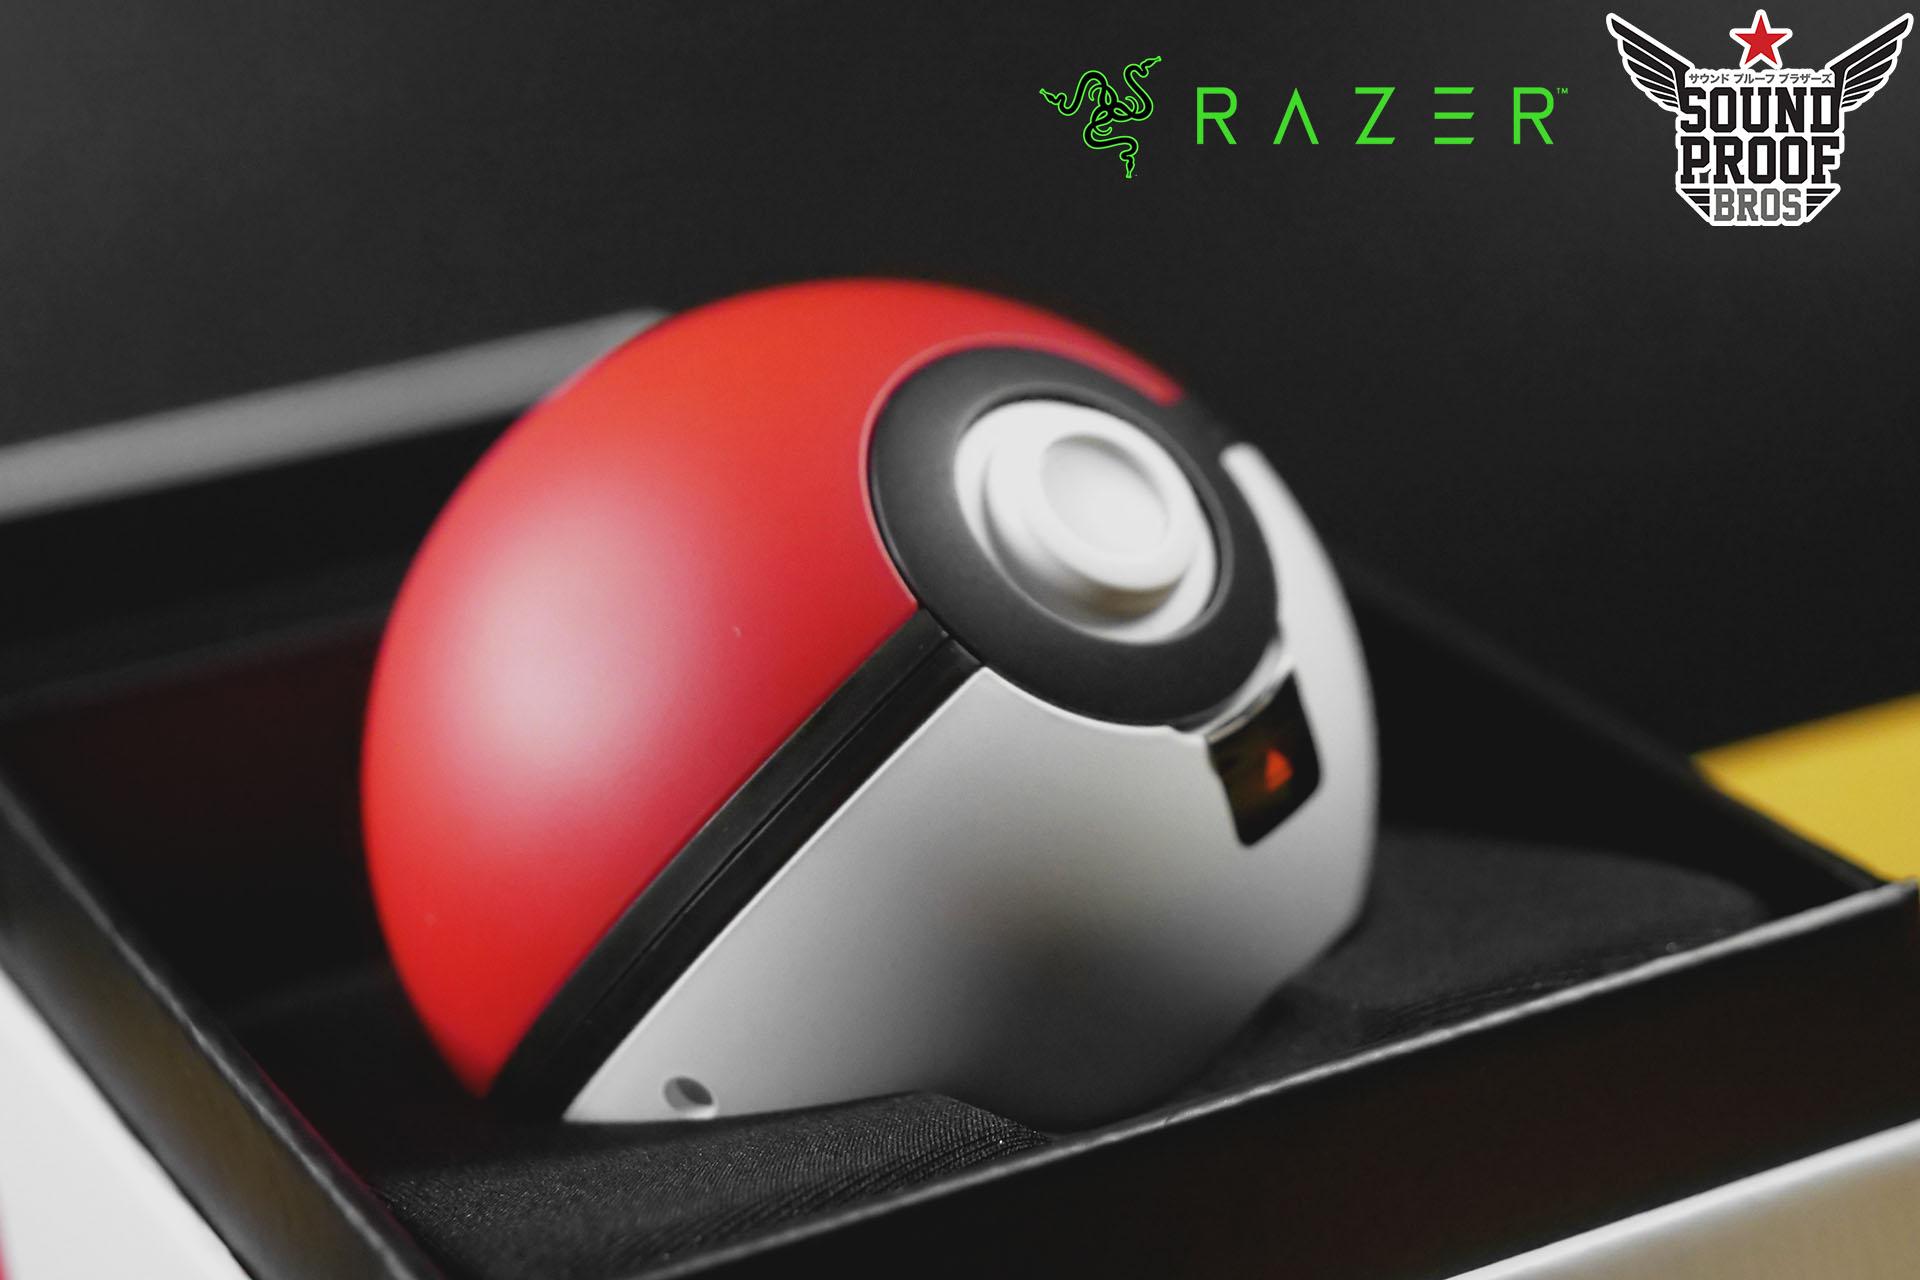 หูฟัง RAZER X Pokemon True Wireless